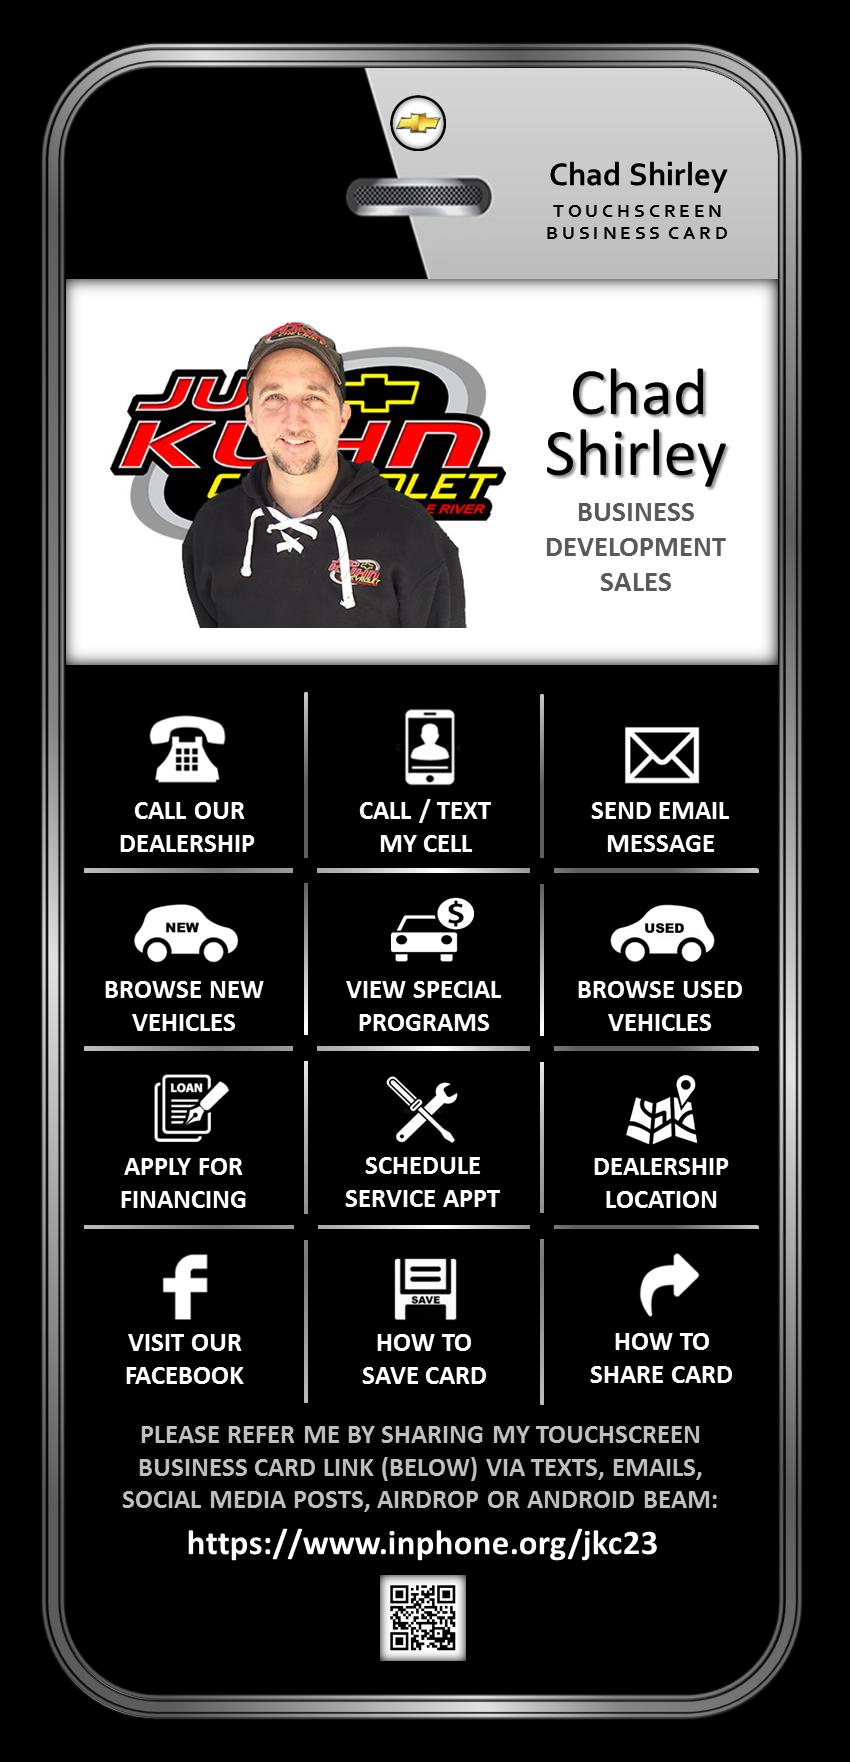 jud kuhn1 - Chad Shirley.png